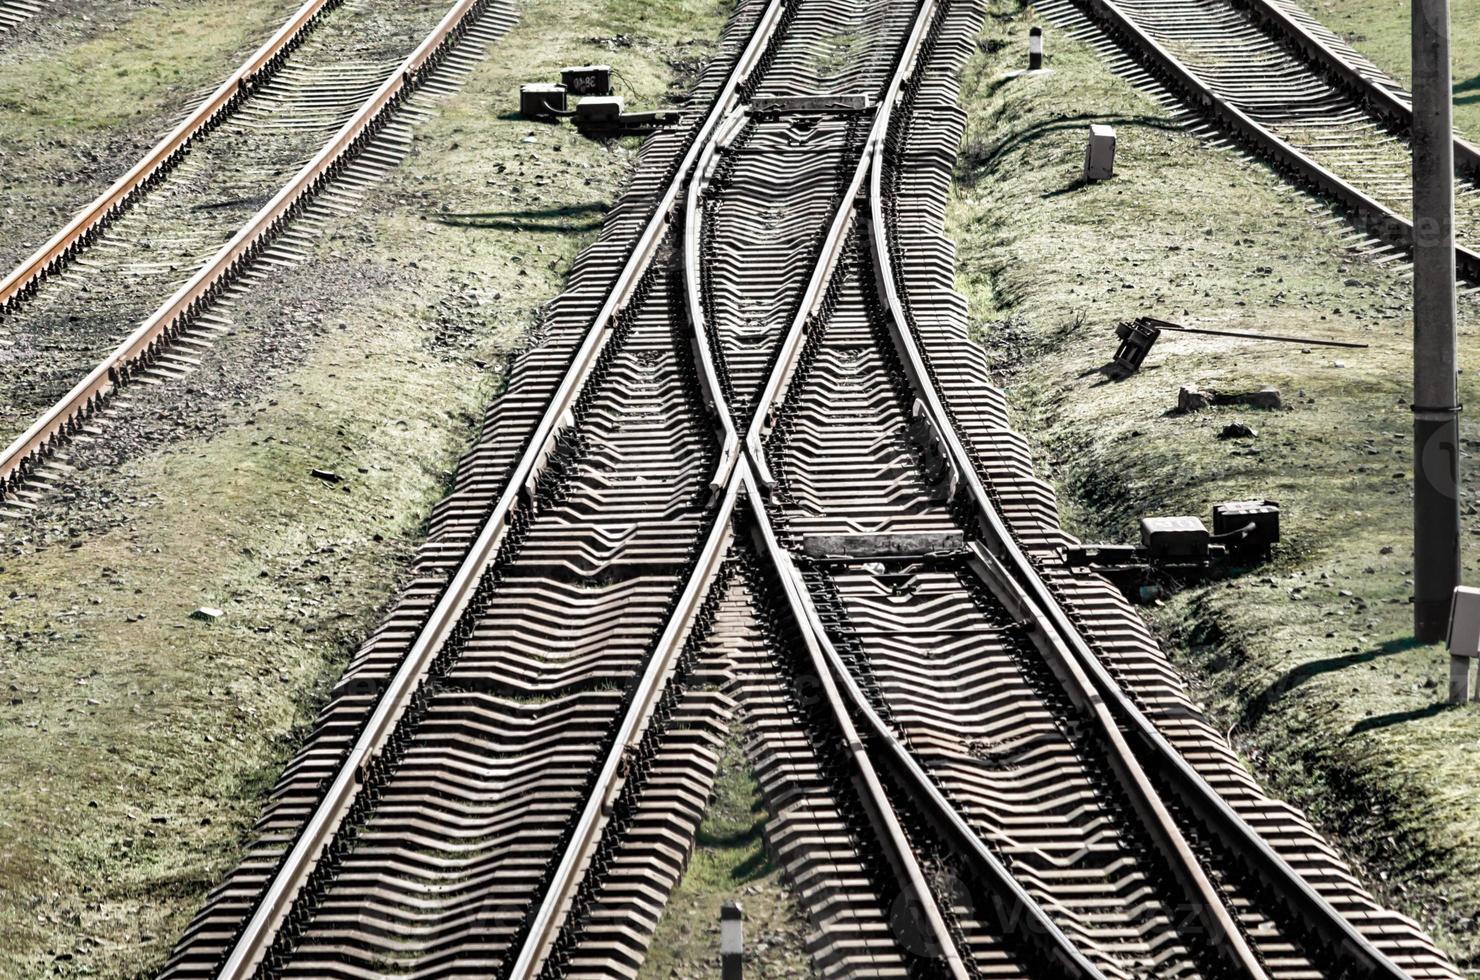 vieux chemin de fer vide photo